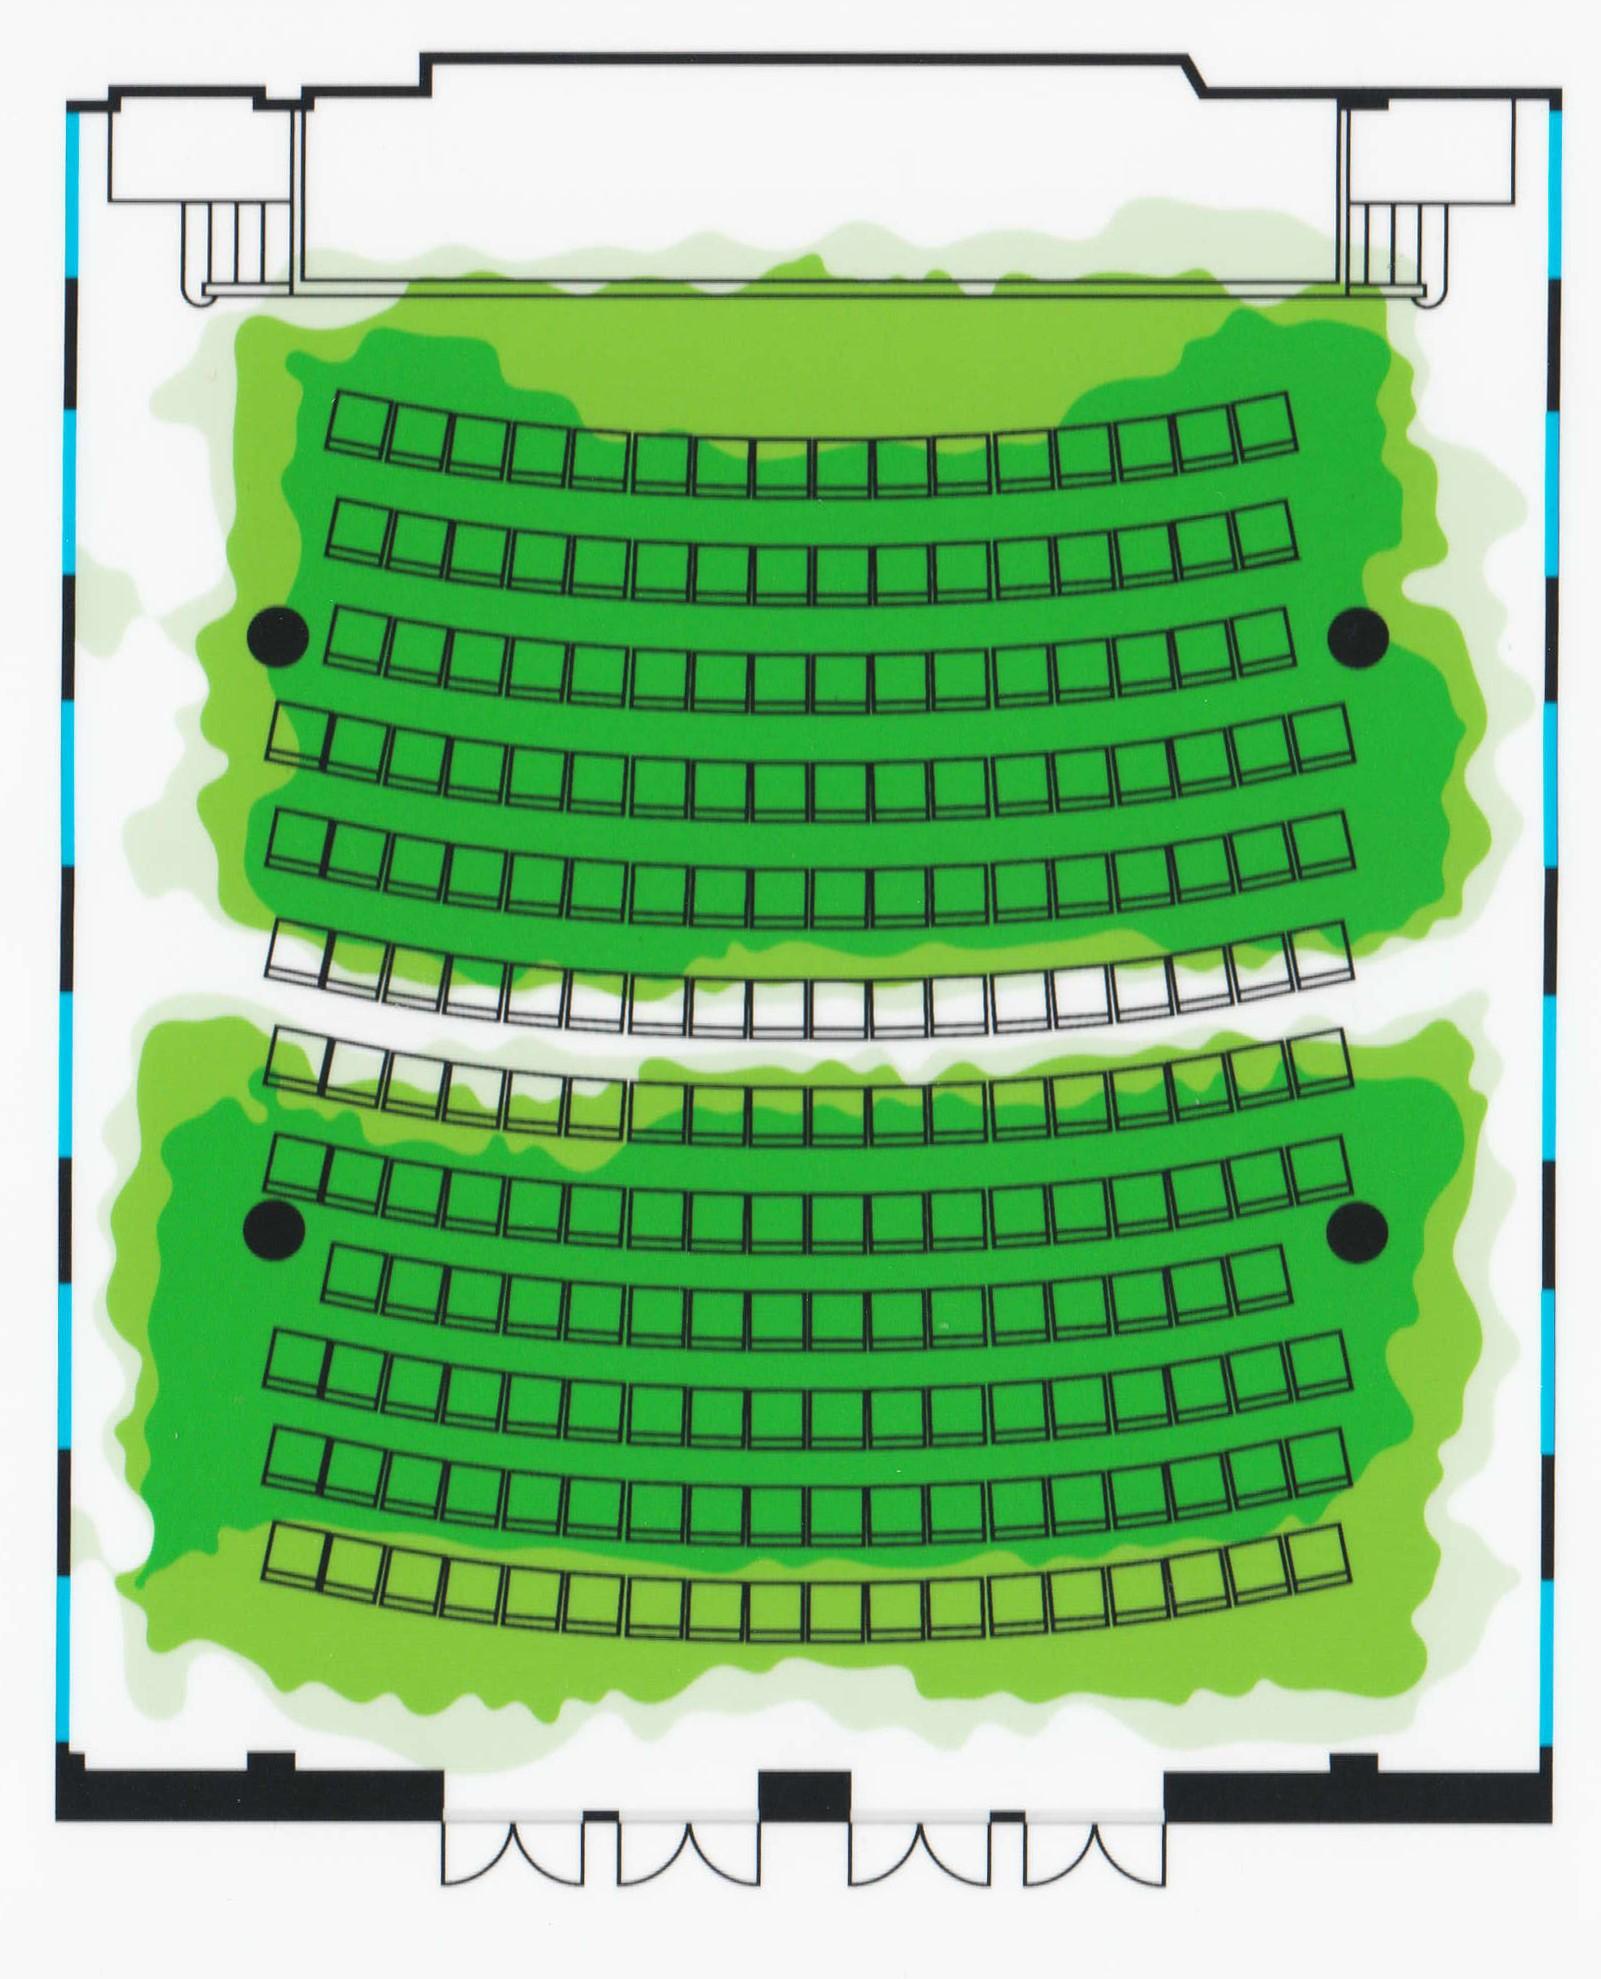 Suurella näyttämöllä on induktiosilmukka, joka toimii kaikilla muilla istumapaikoilla paitsi rivillä 6 ja parvella.